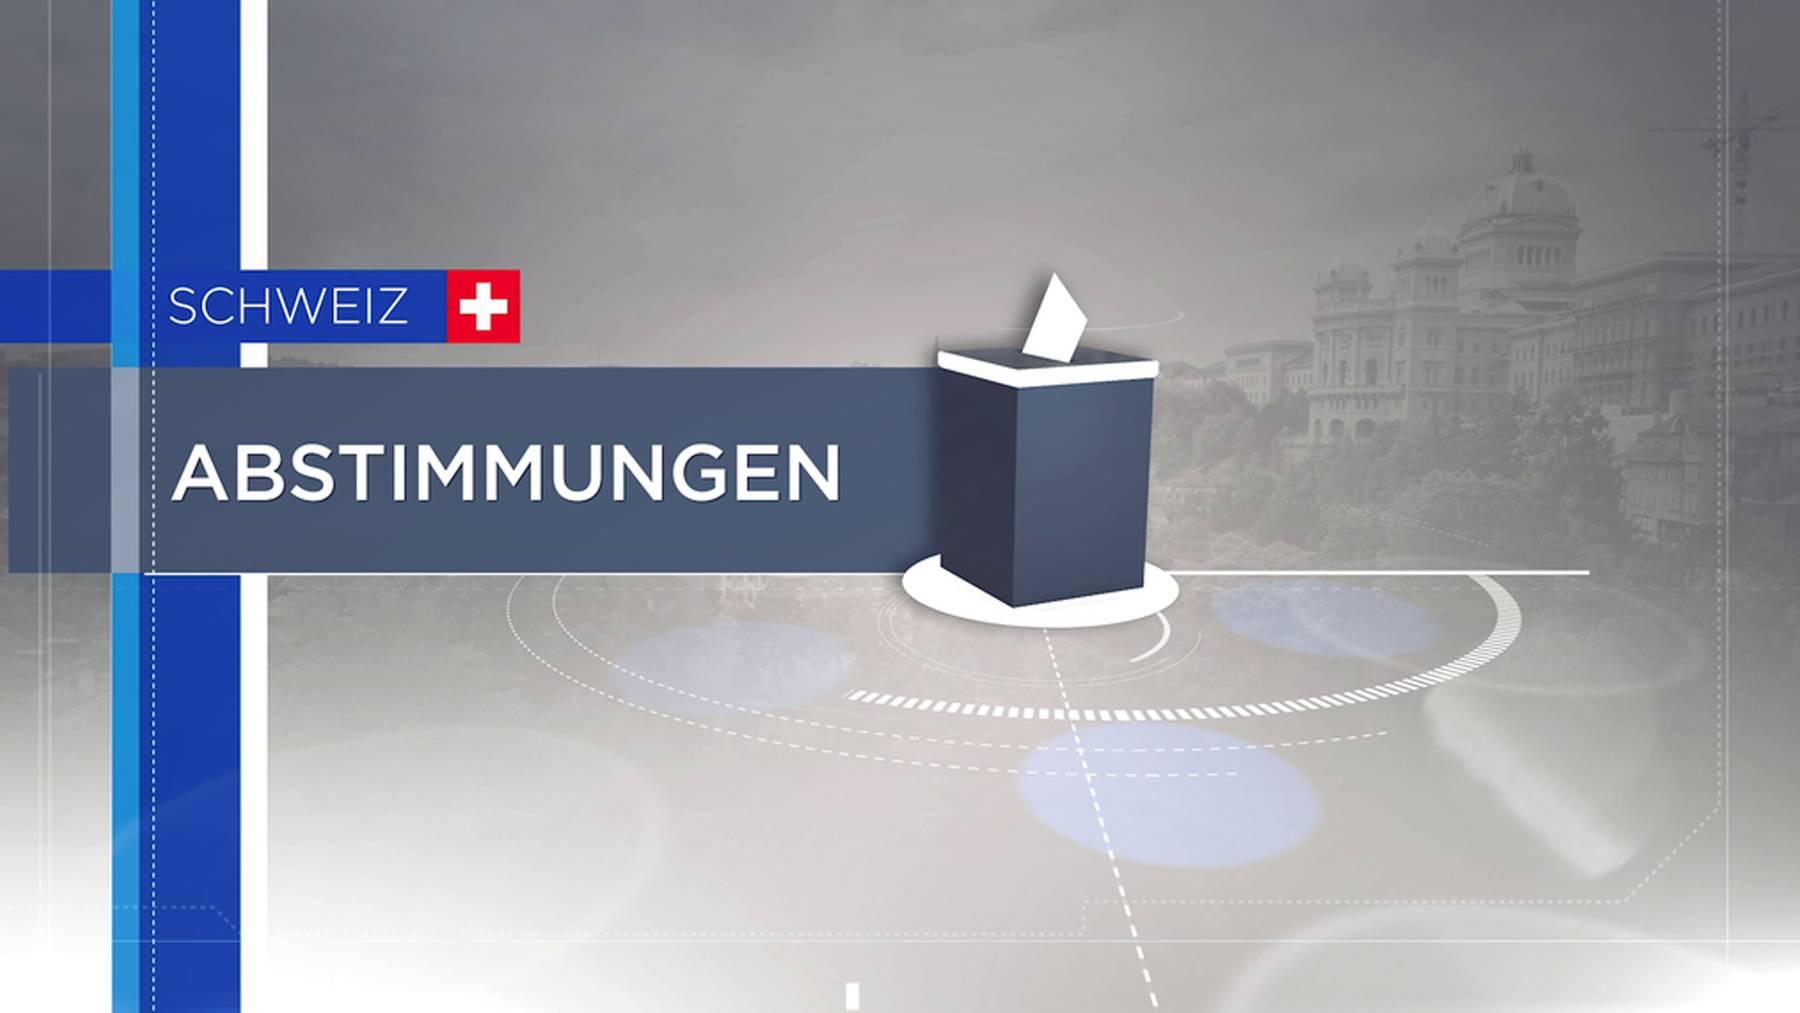 Abstimmungen_CH